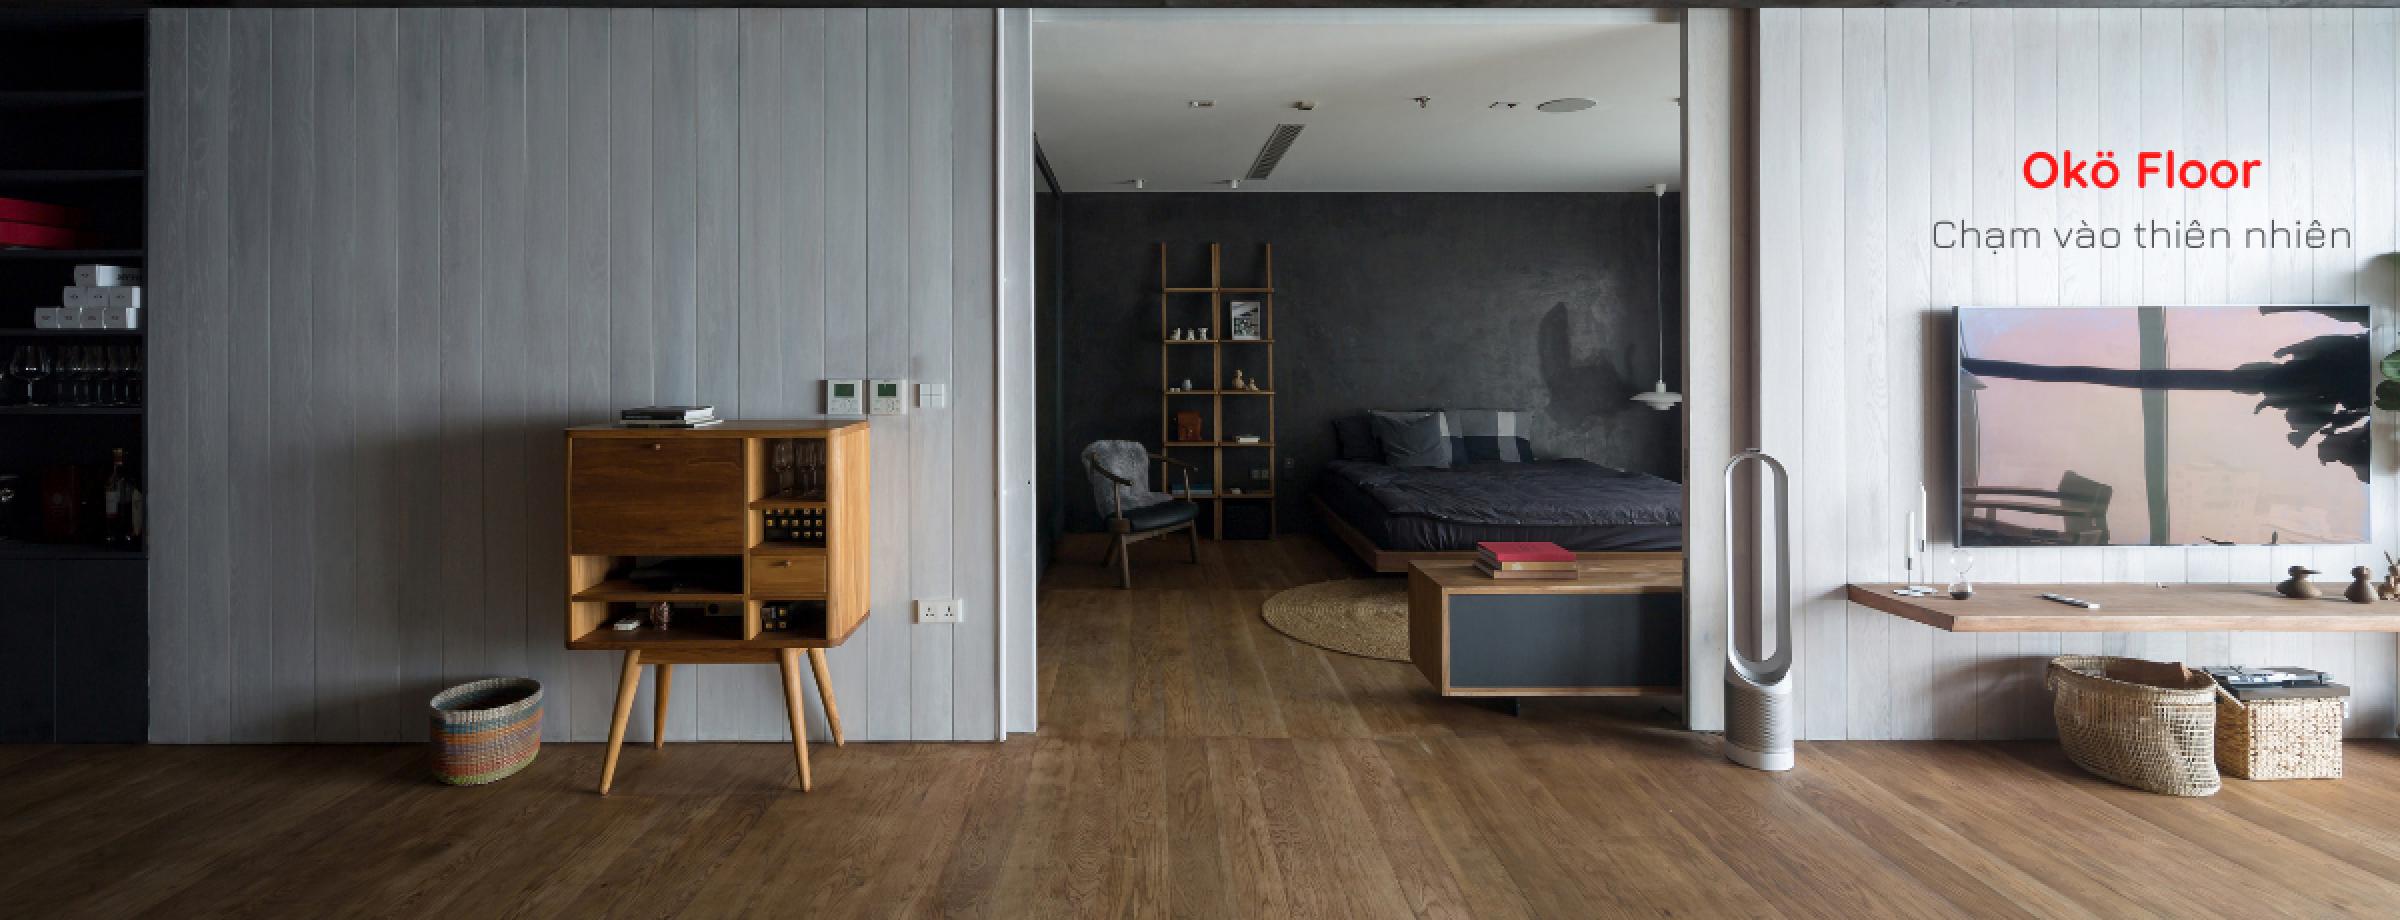 Sàn gỗ Okö Floor